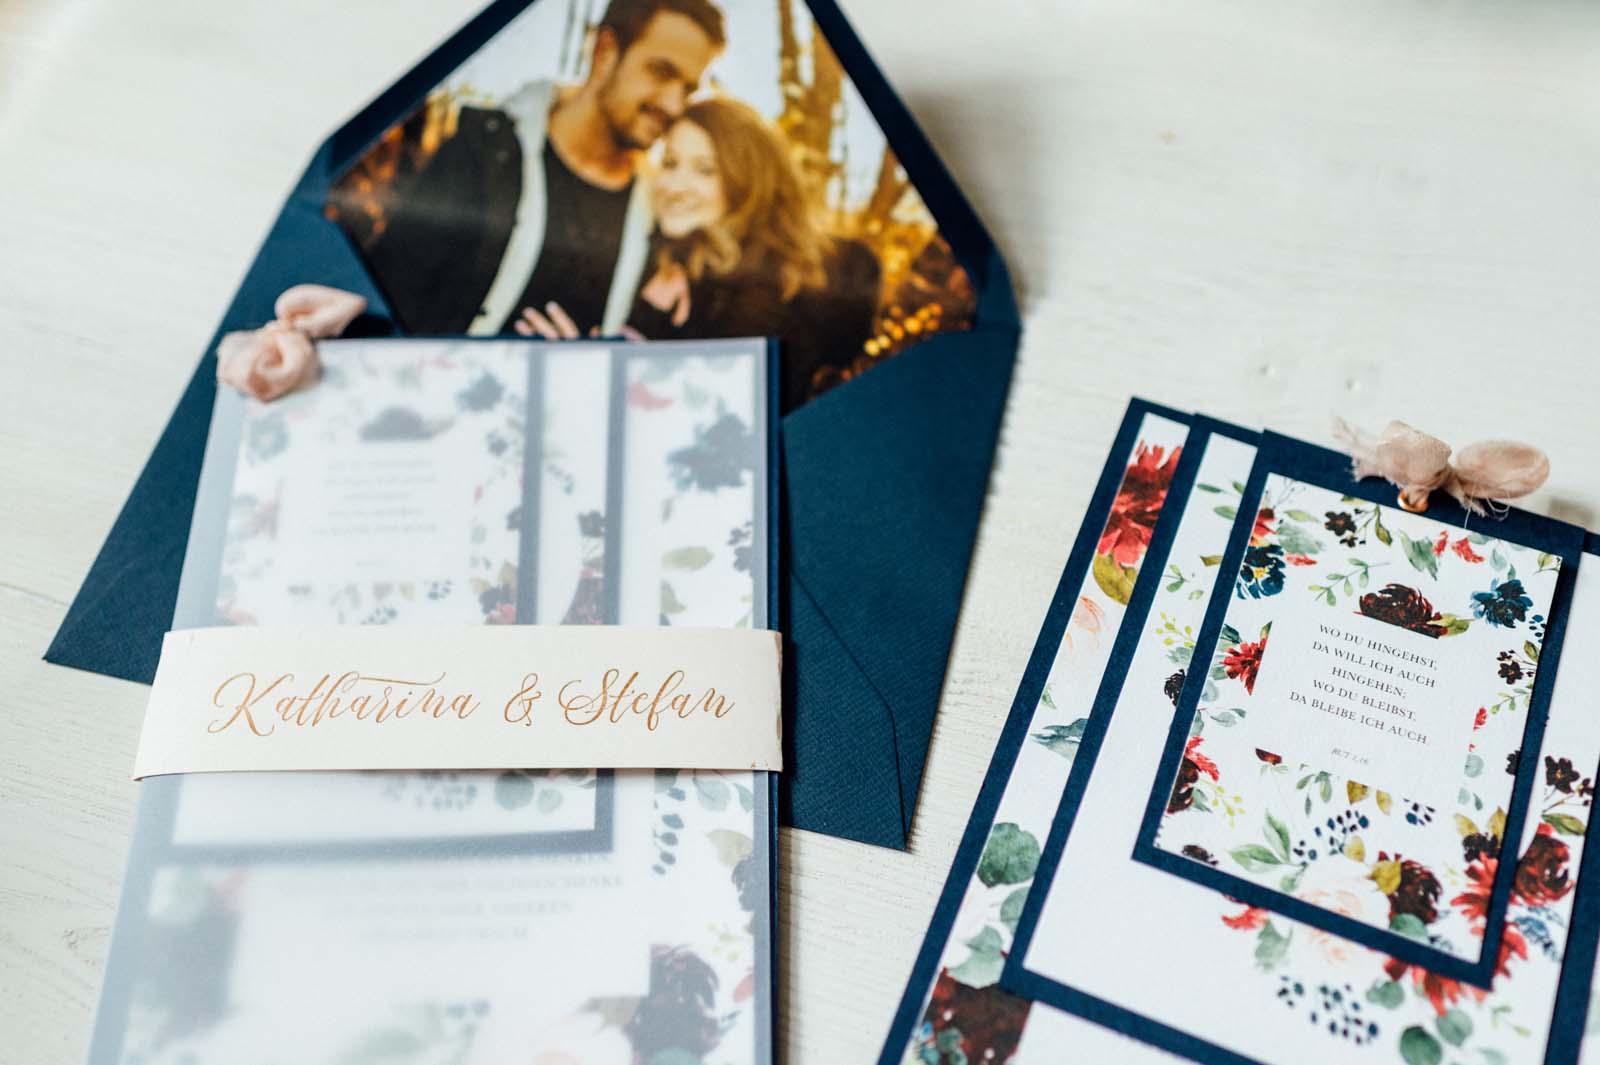 Blumen Floral Aquarell Frühling Sommer Wiesenblumen Hochzeitseinladungen Hochzeitskarten Hochzeitspapeterie Handgemalt Fächer Seidenband Kalligrafie Kuvert Einleger mit Foto von Brautpaar